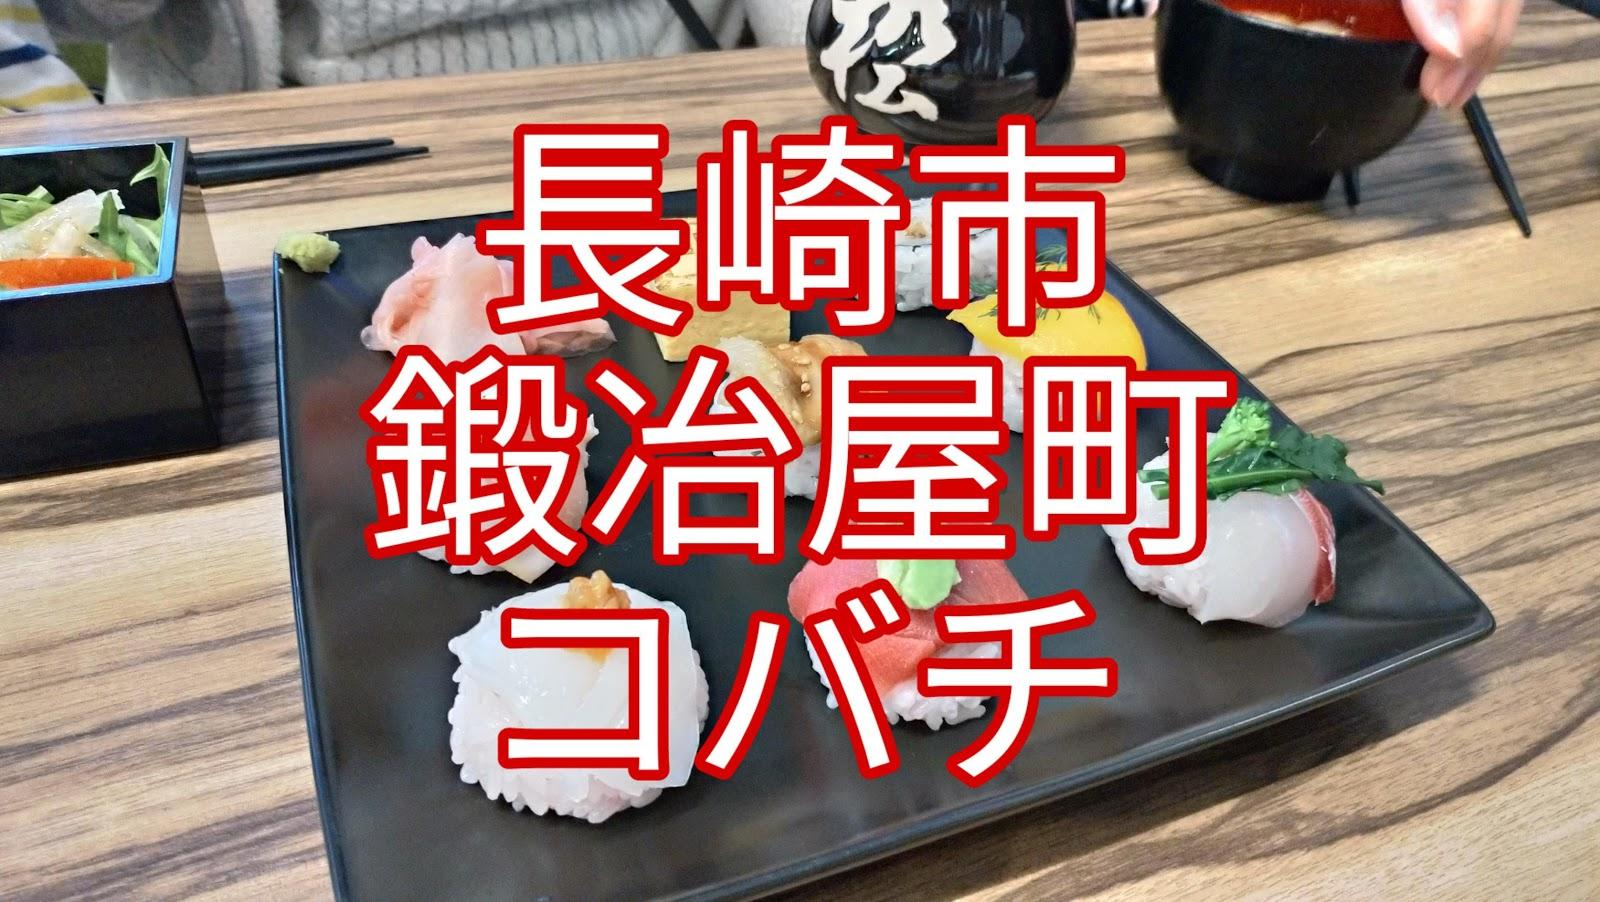 【長崎グルメ】長崎市鍛冶屋町のコバチでランチをいただきました!